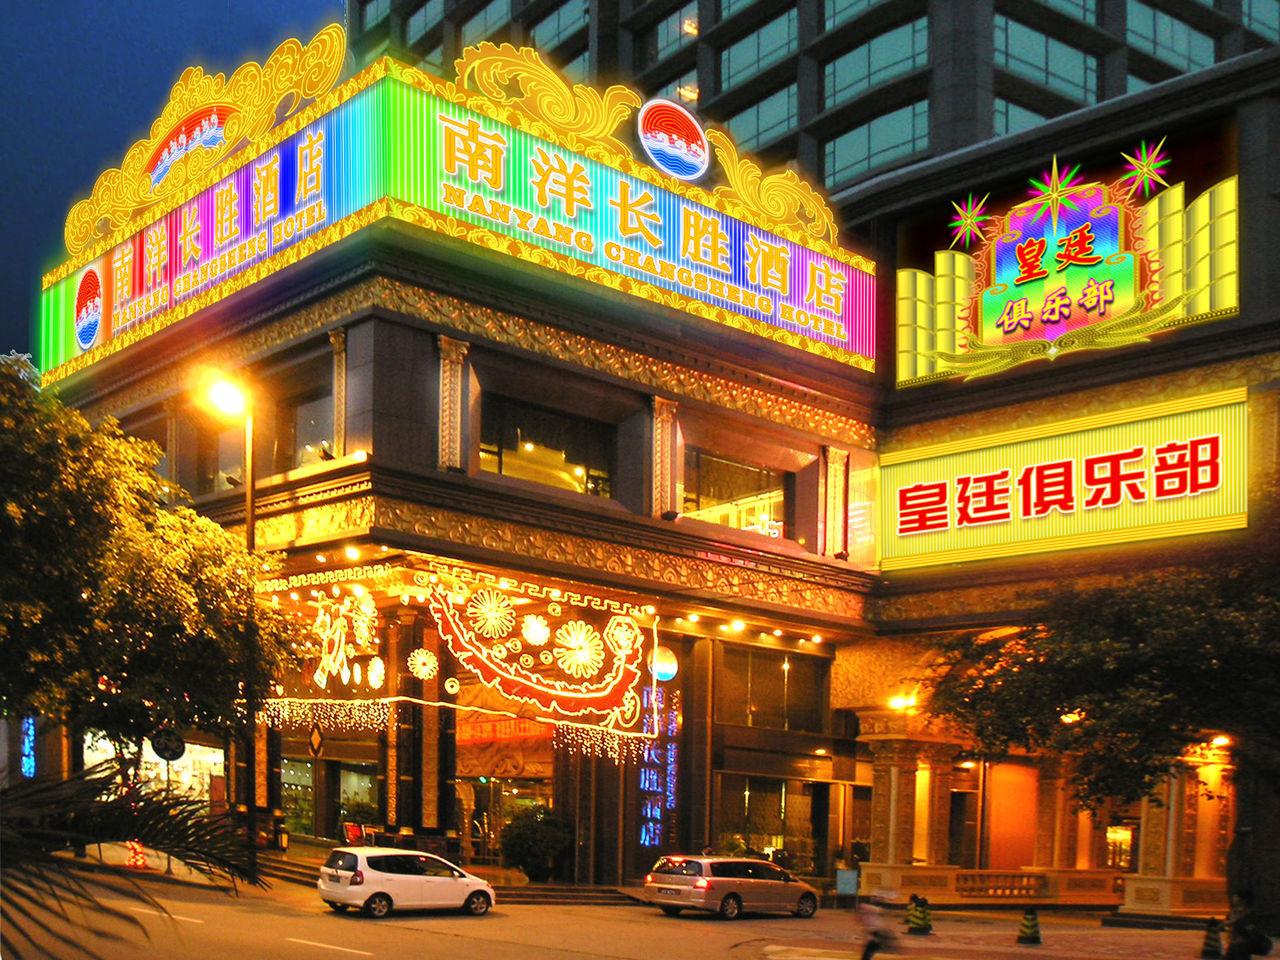 霓虹灯广告牌 - 广告牌制作 - 珠海市子不语广告有限